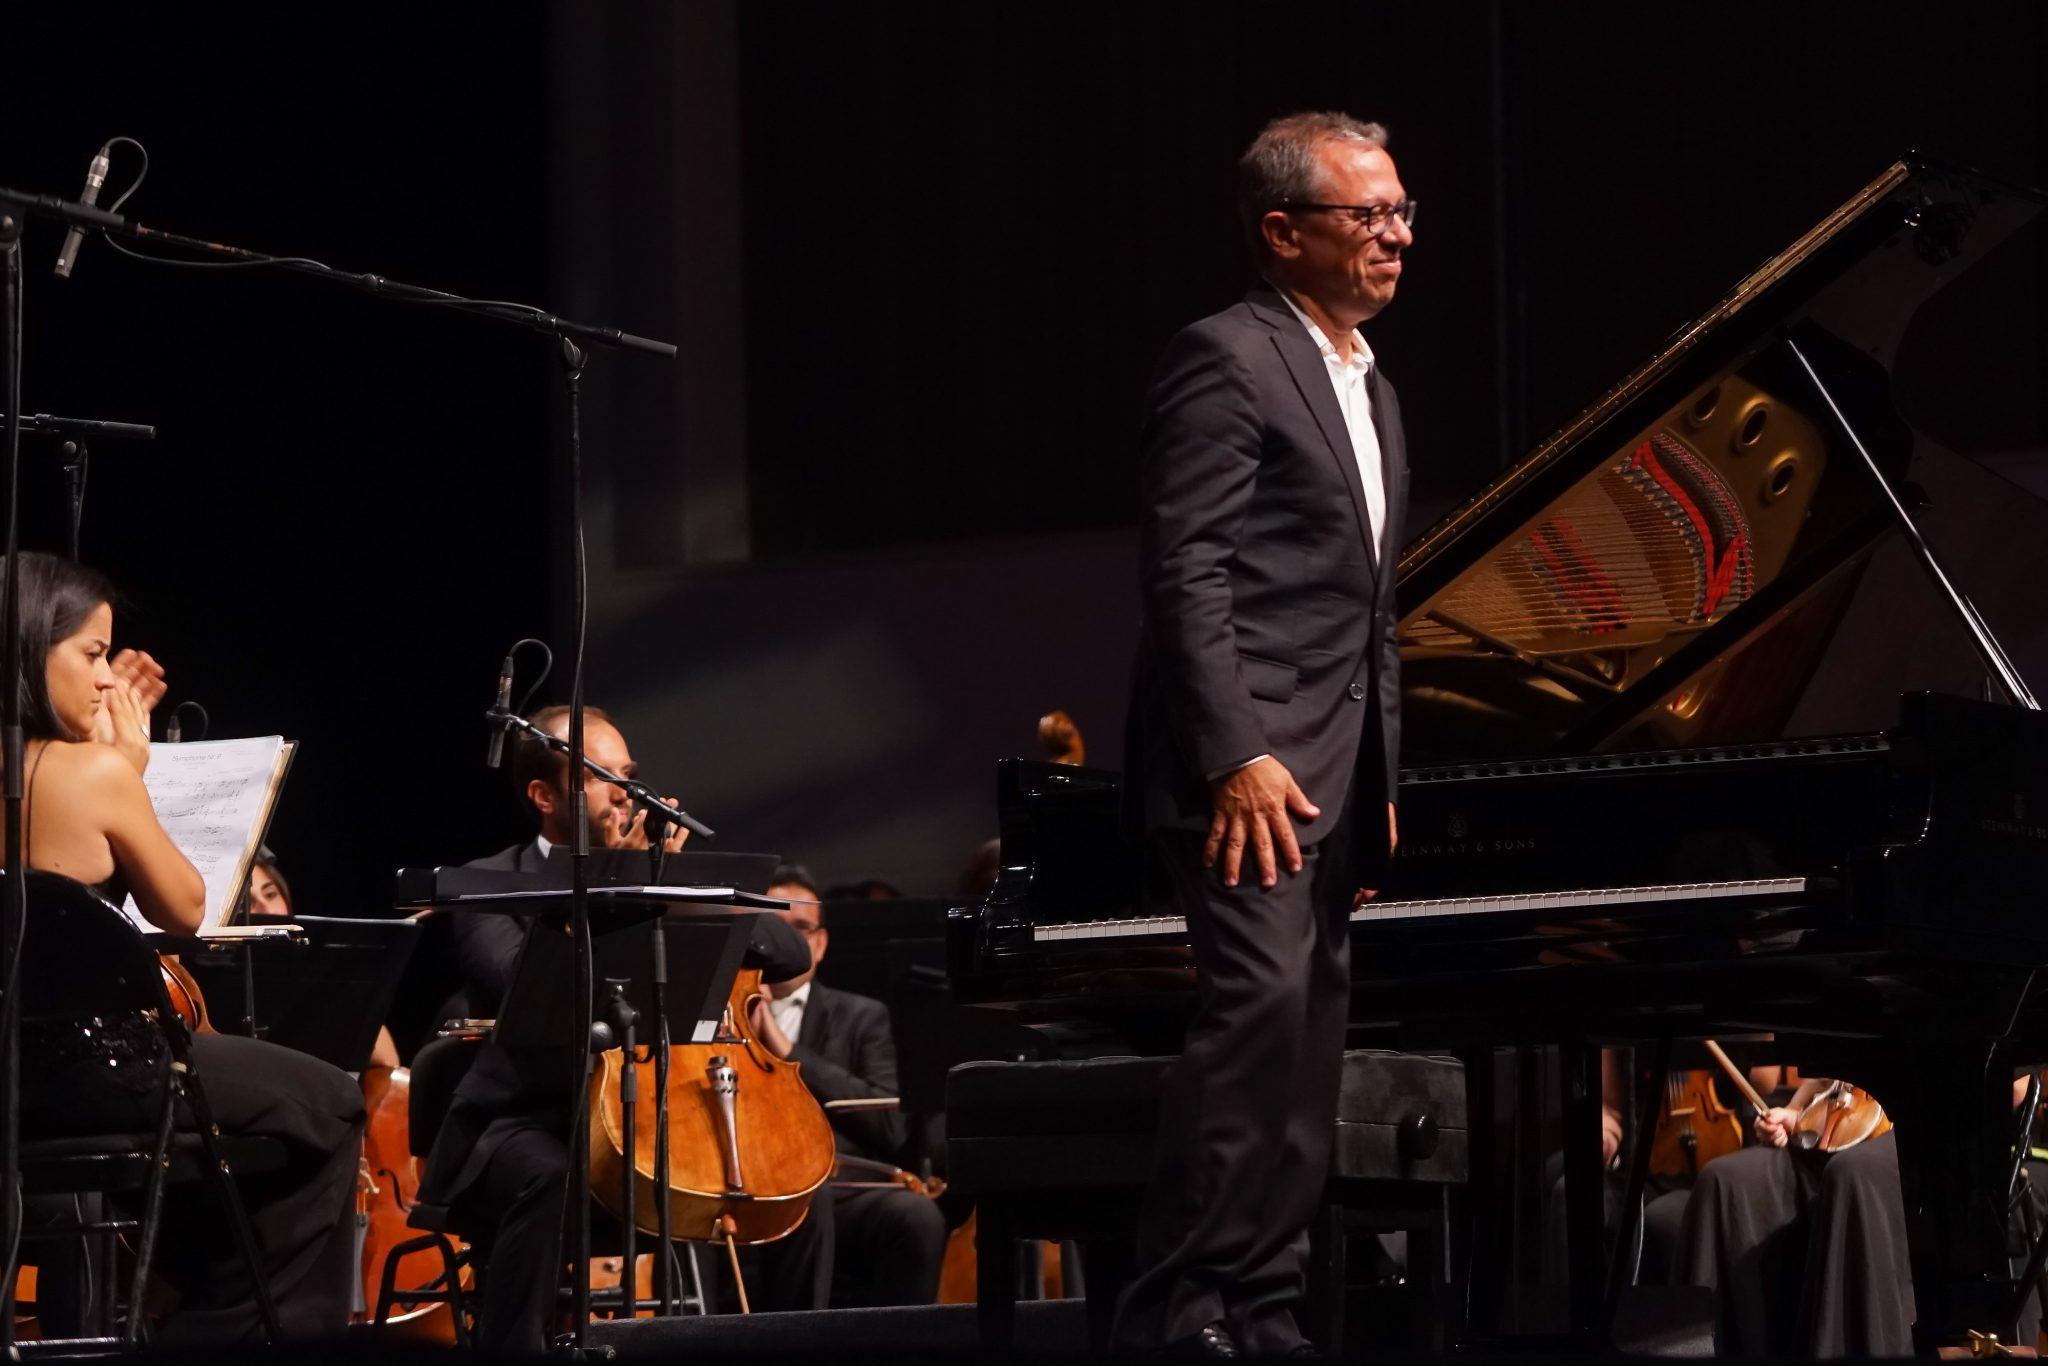 Mário Laginha ao lado do piano a agradecer ao público